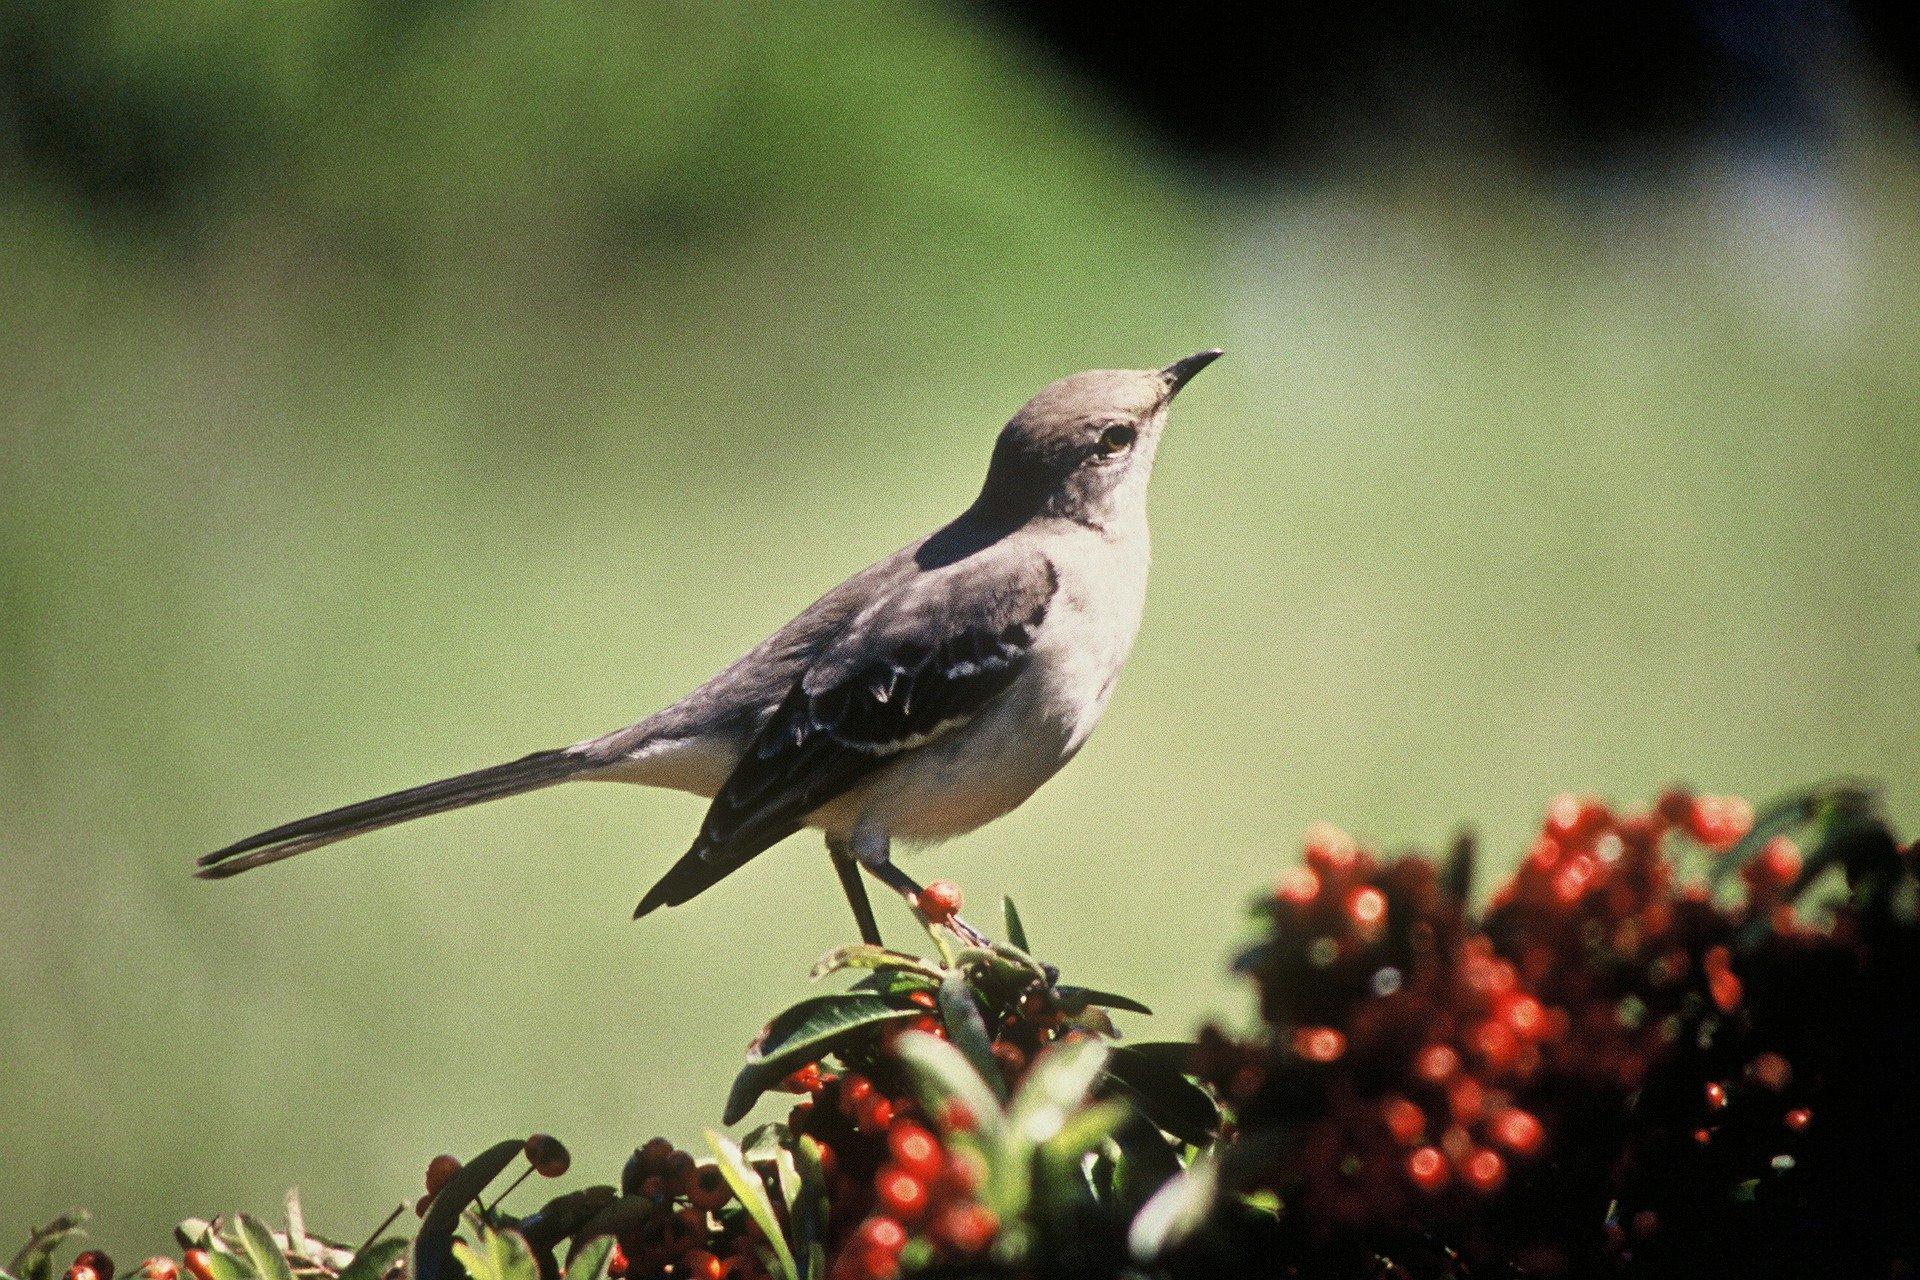 Naturelax: Oiseaux Du Paradis, Mp3 Sons De La Nature Gratuit -  Forcemajeure destiné Images D Oiseaux Gratuites